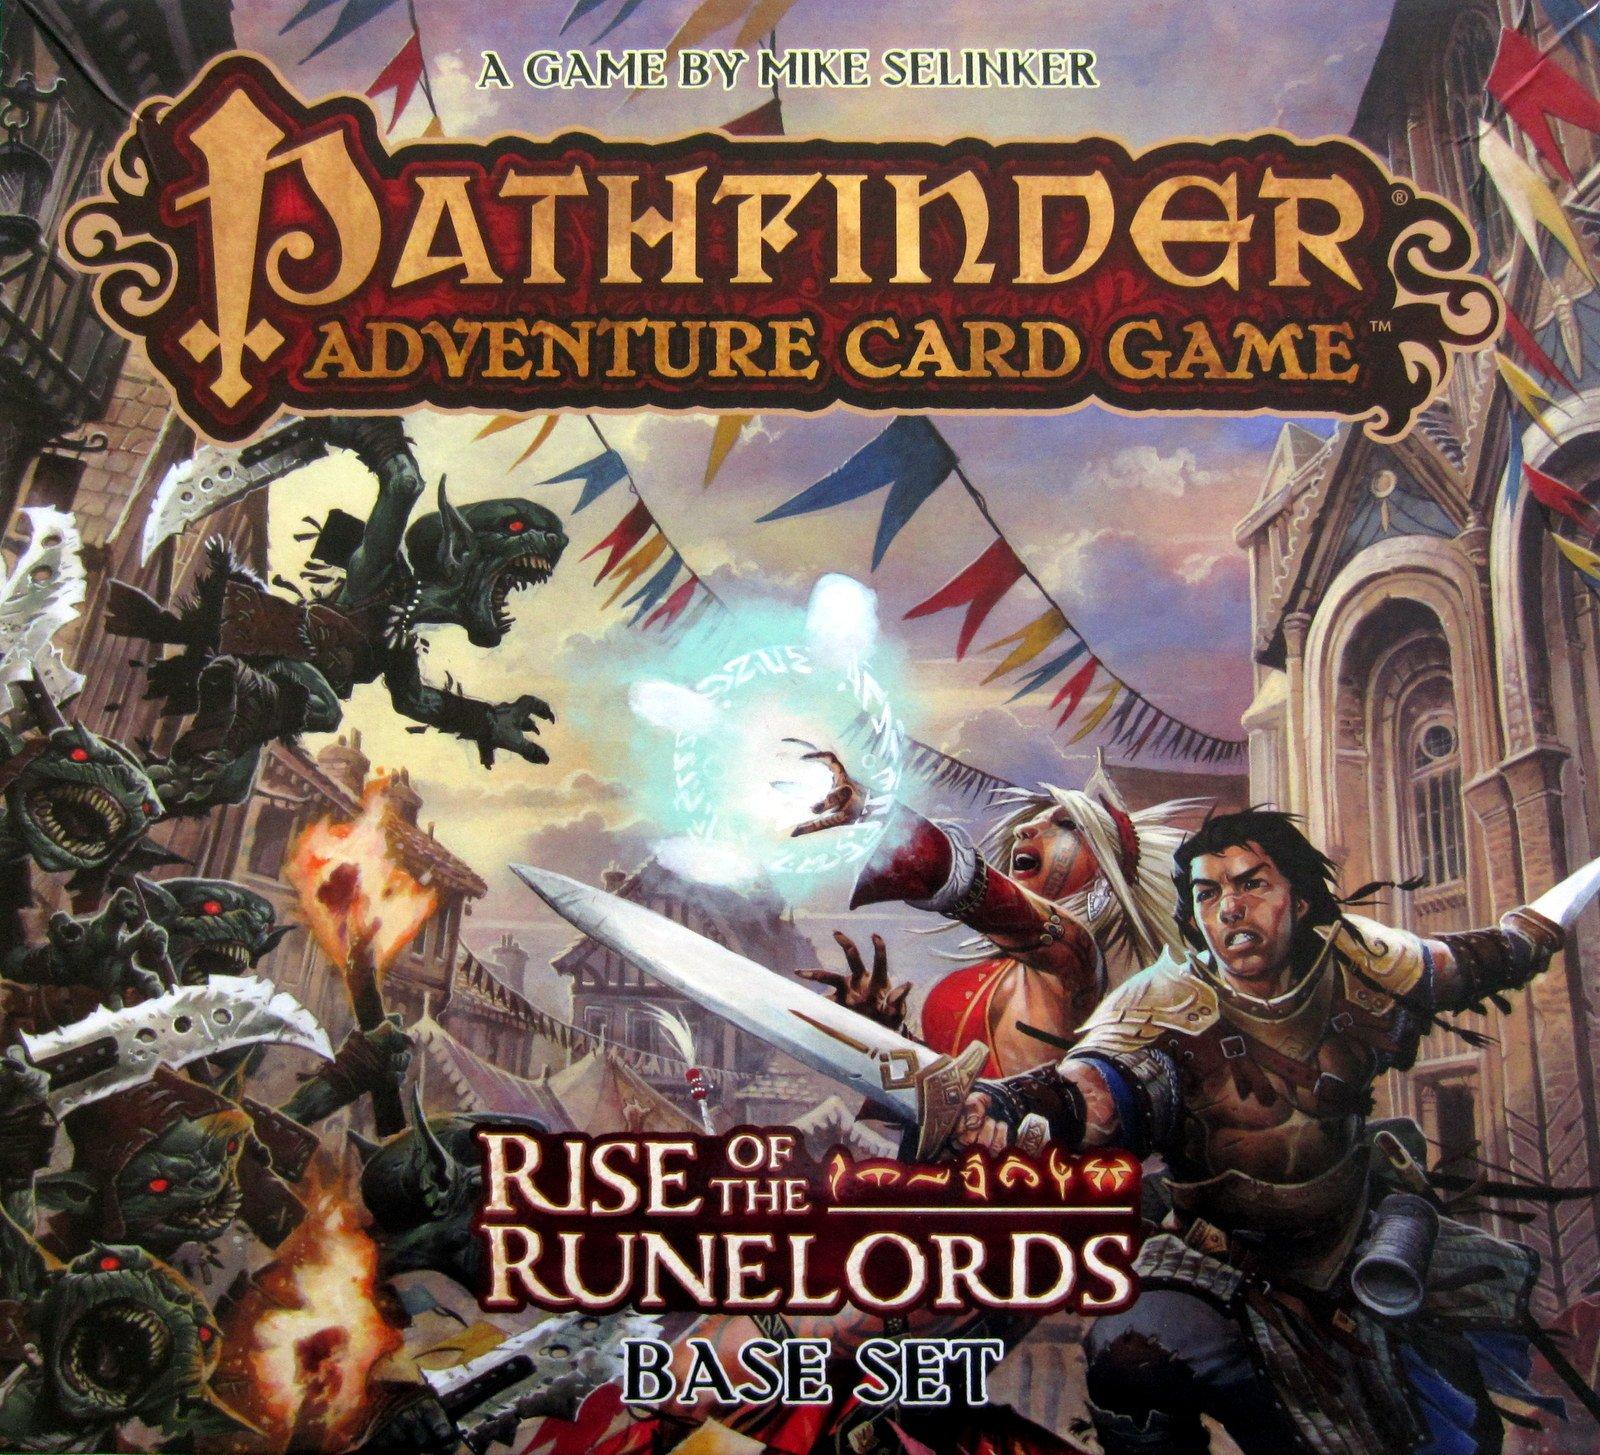 Juego de Cartas de Pathfinder